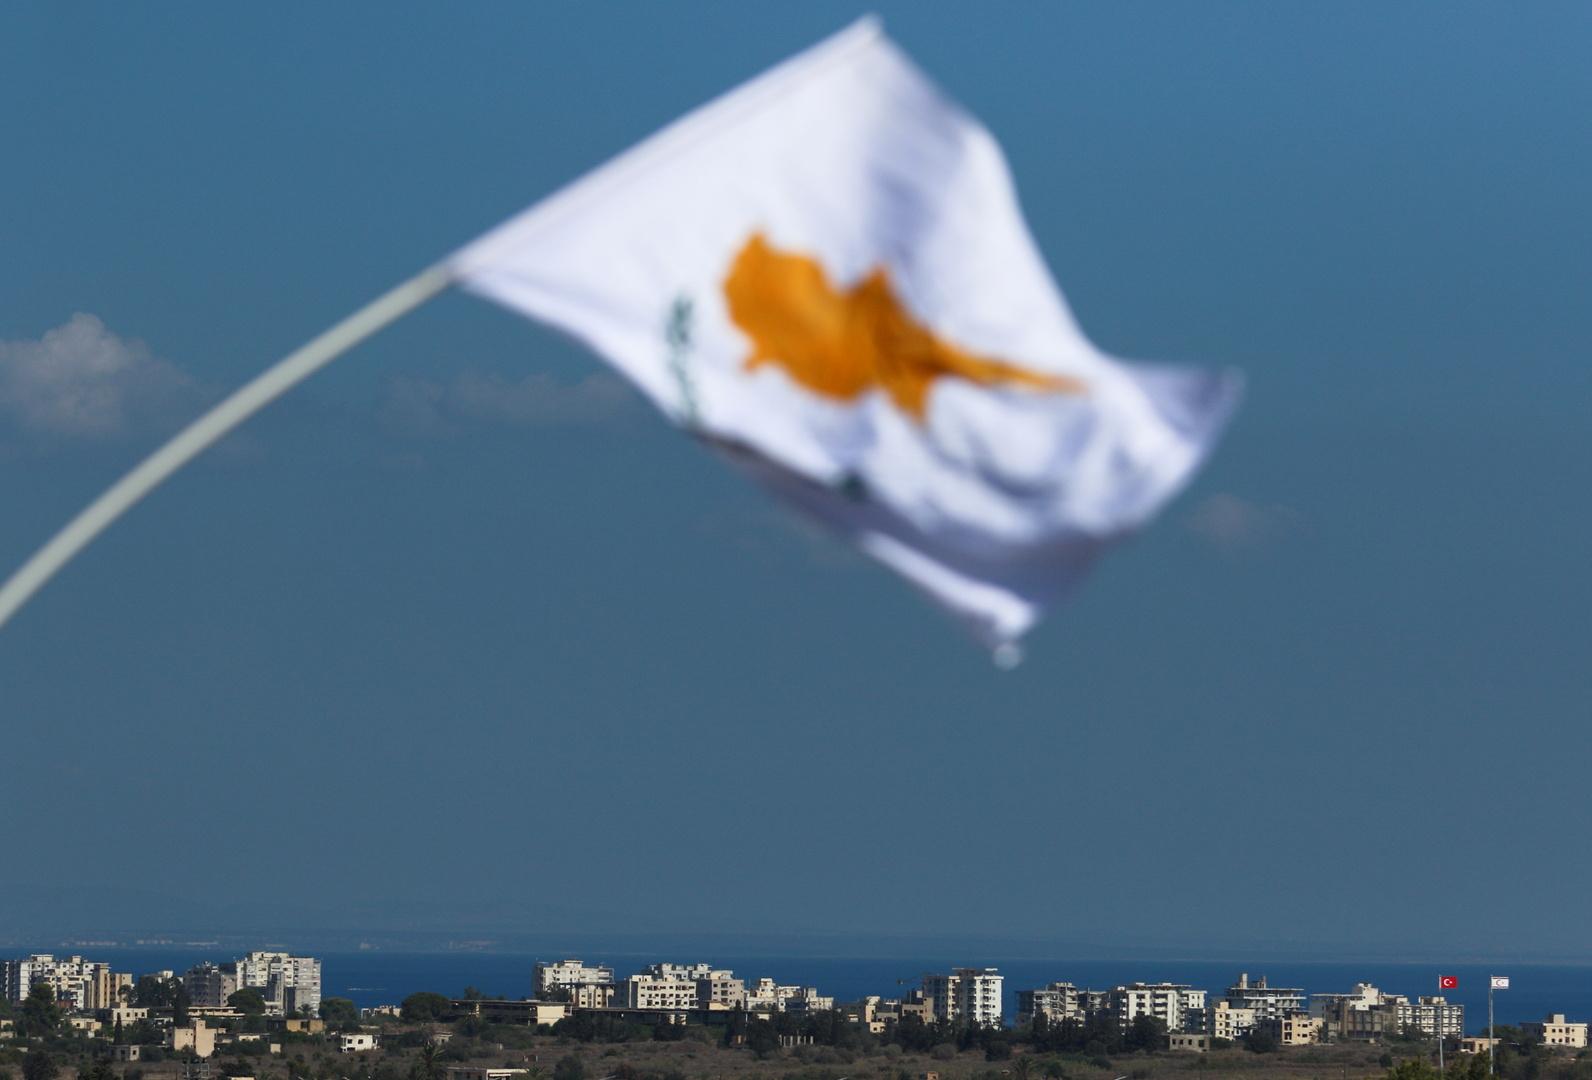 قبرص لا تعتقد أن إيران تقف وراء مخطط استهداف إسرائيليين في الجزيرة